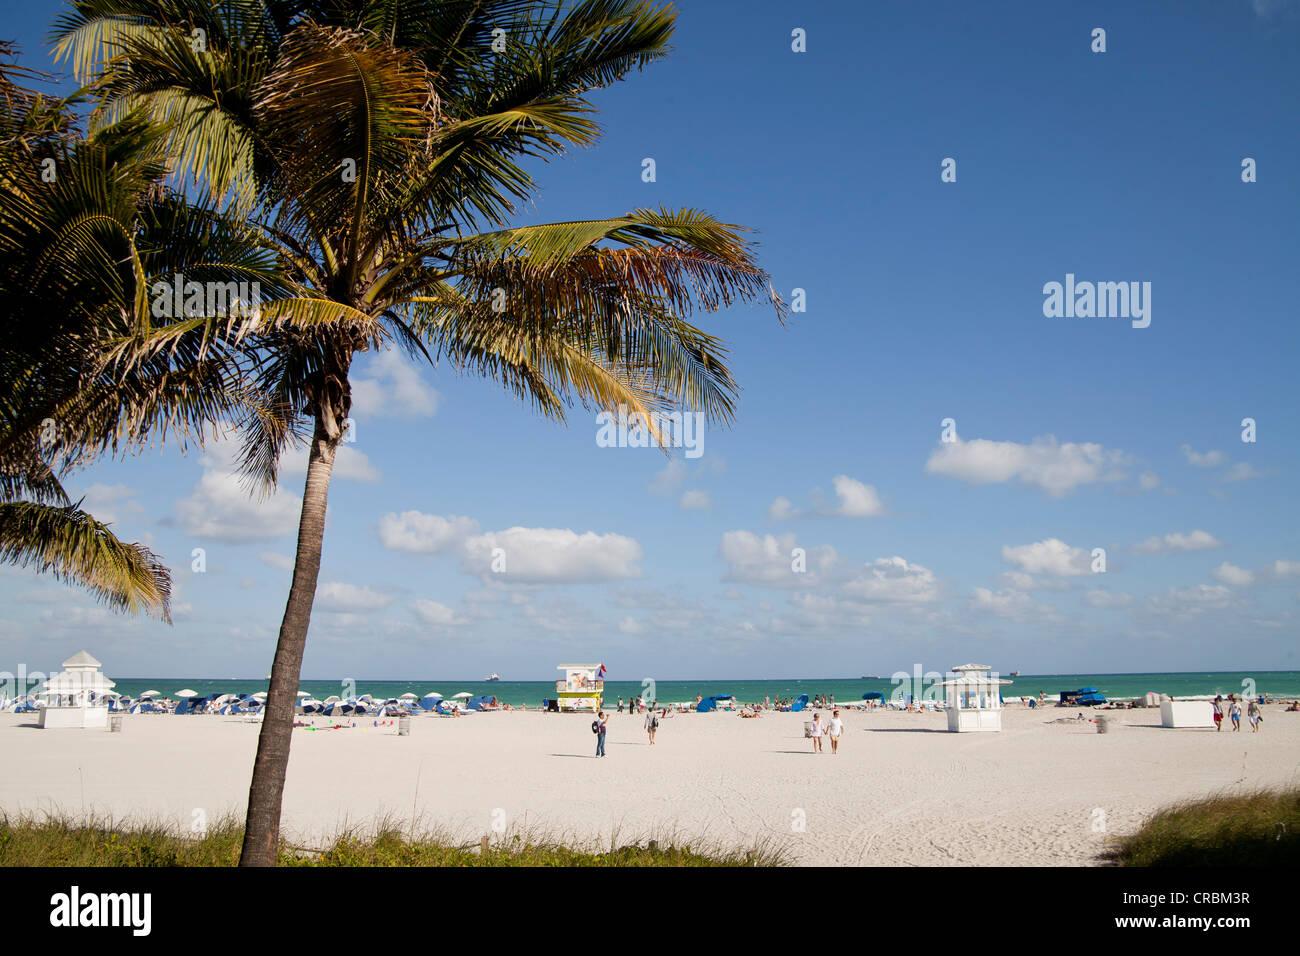 Le cocotier sur la plage, South Beach, Miami, Floride, USA Photo Stock